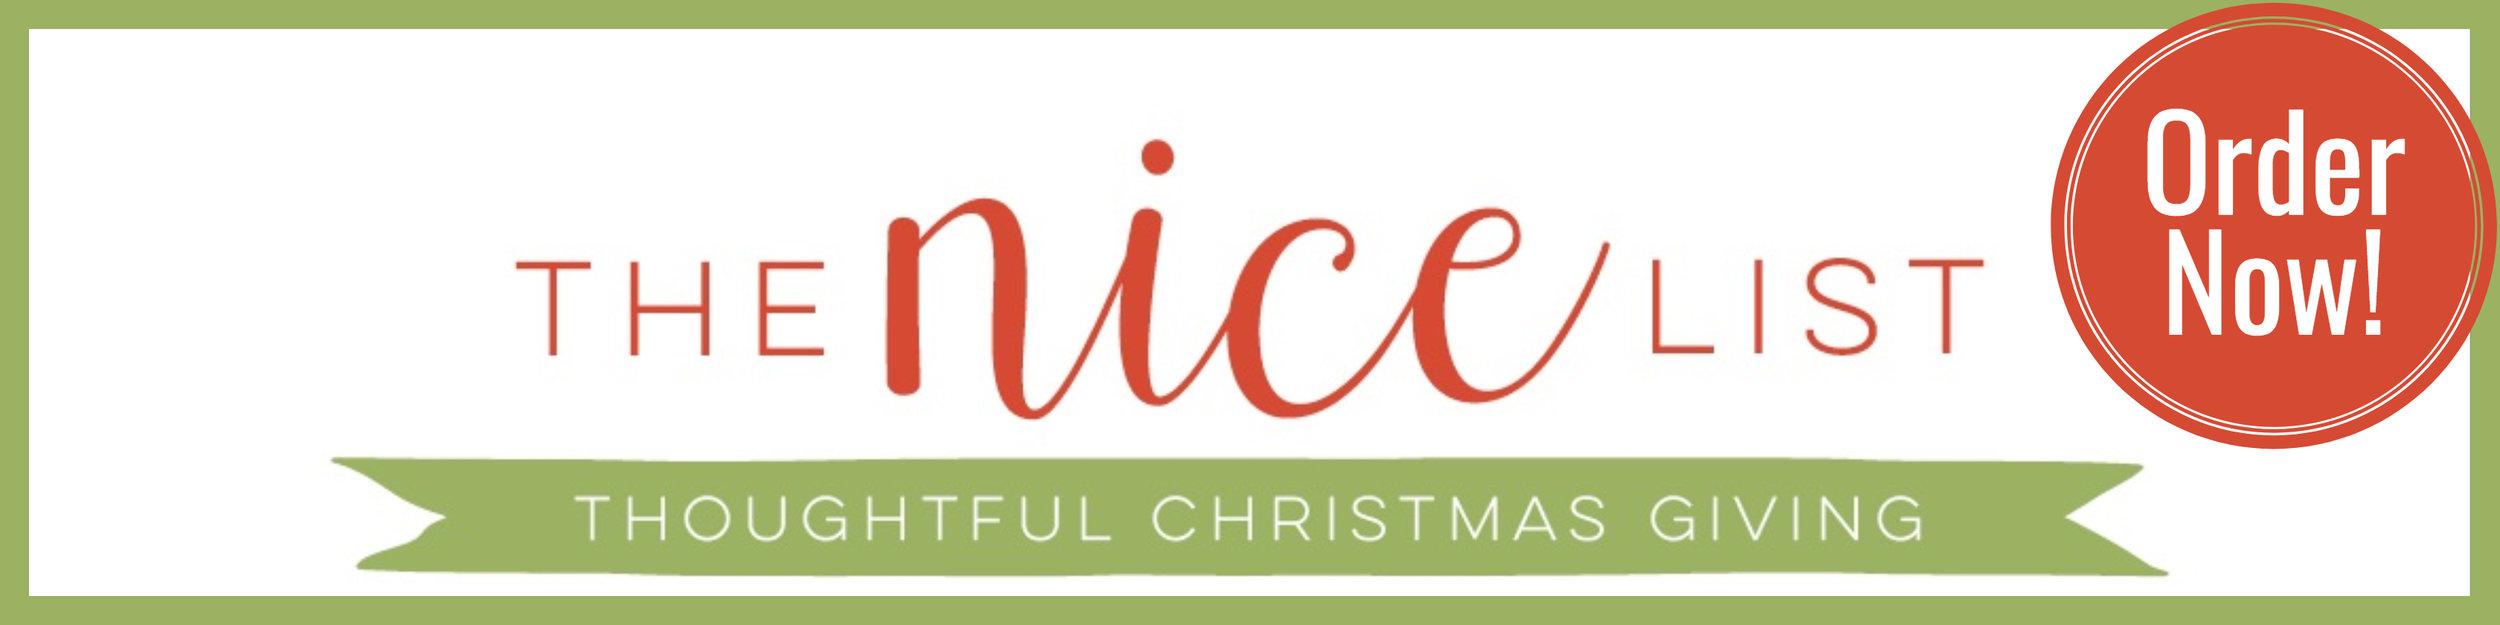 christmas list ideas .jpg